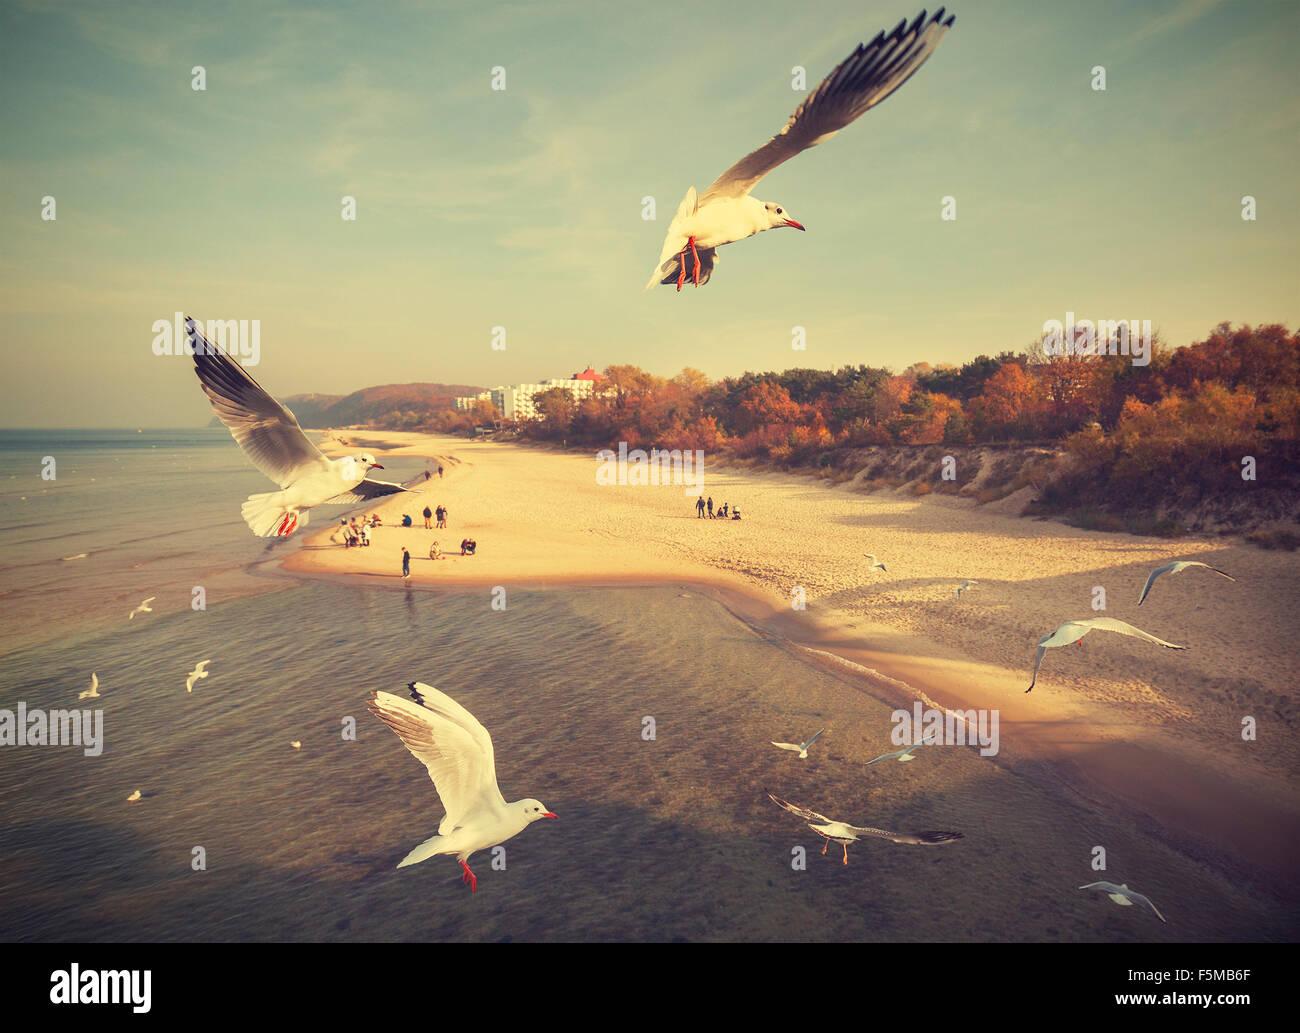 Vintage retrò uccelli stilizzati al di sopra di una spiaggia, Mar Baltico, Polonia. Immagini Stock